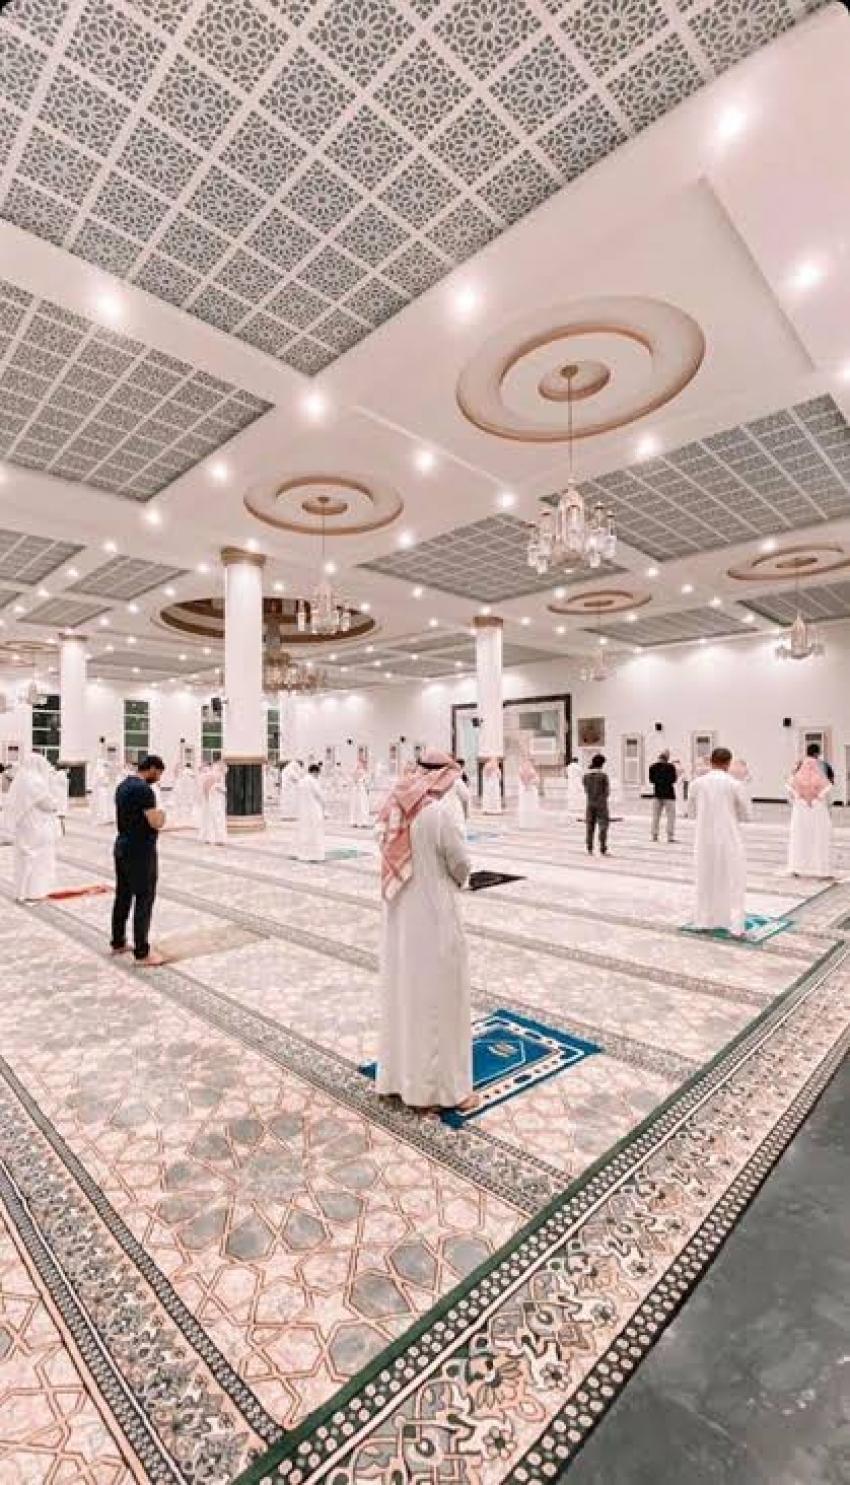 السعودية تعيد إغلاق ٧١ مسجدًا تمّ فتحهم بسبب «كورونا»